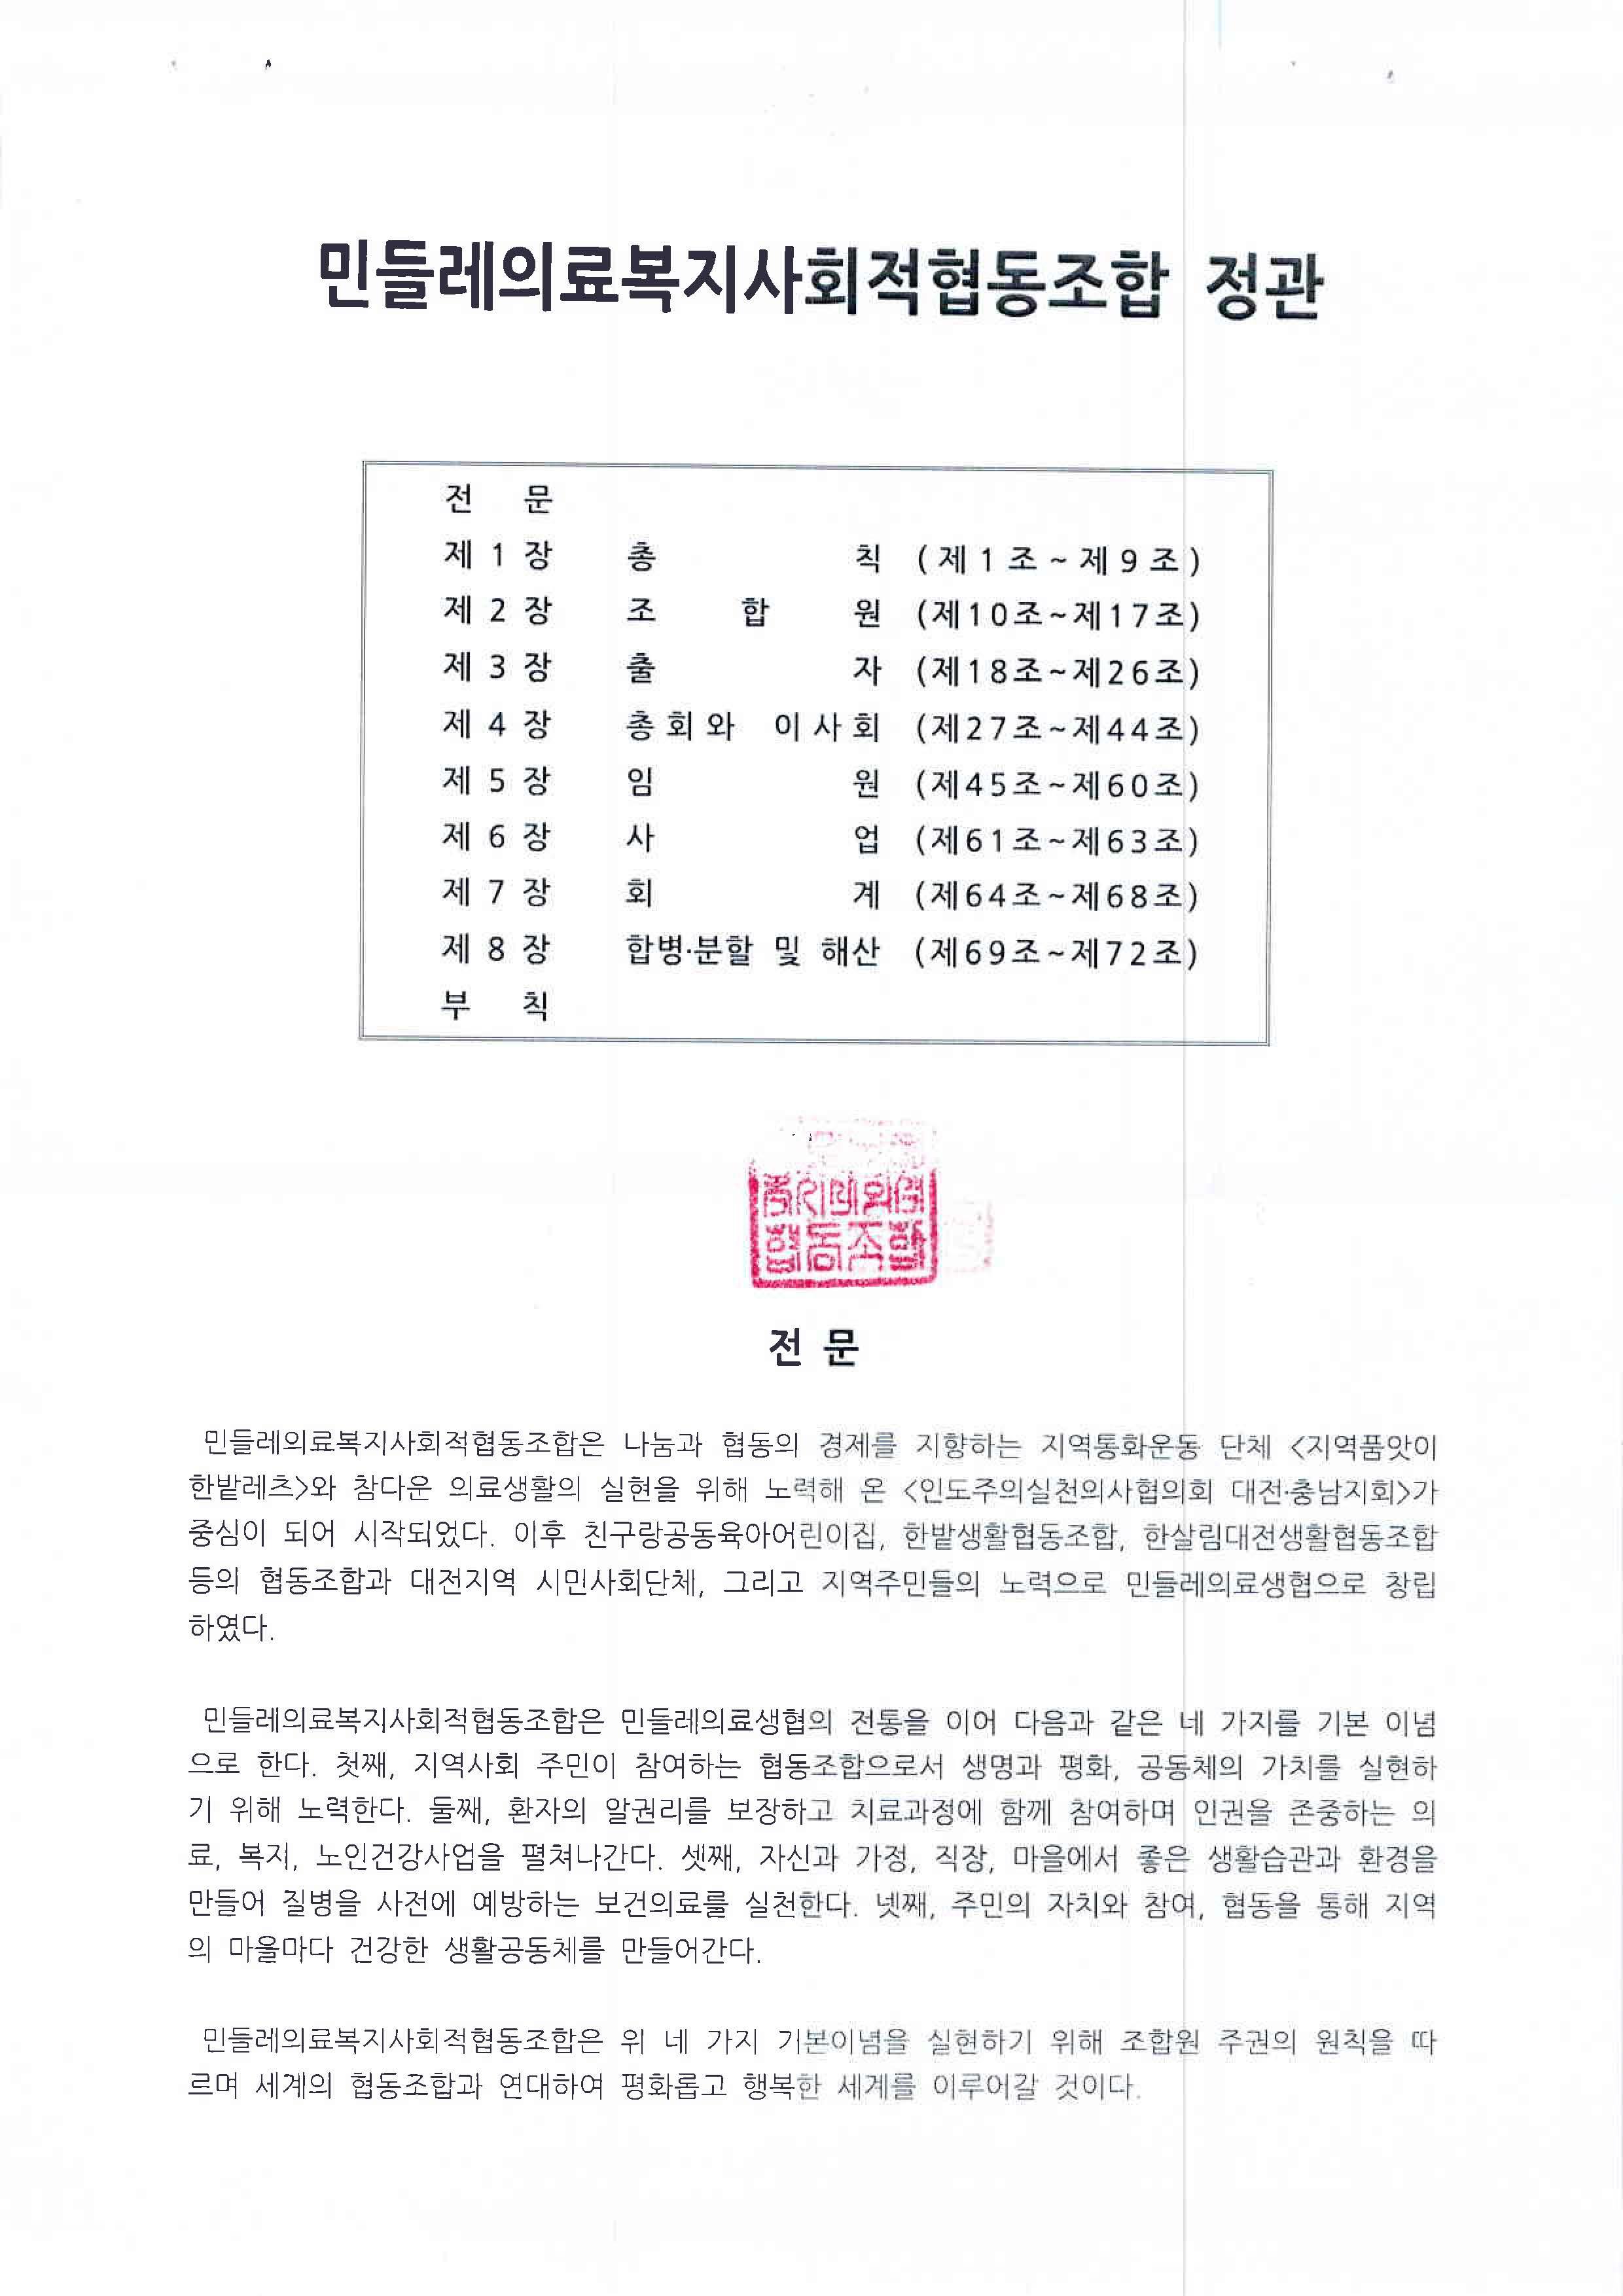 정관(20차 총회 개정안 반영)-원본대조필_페이지_02.jpg